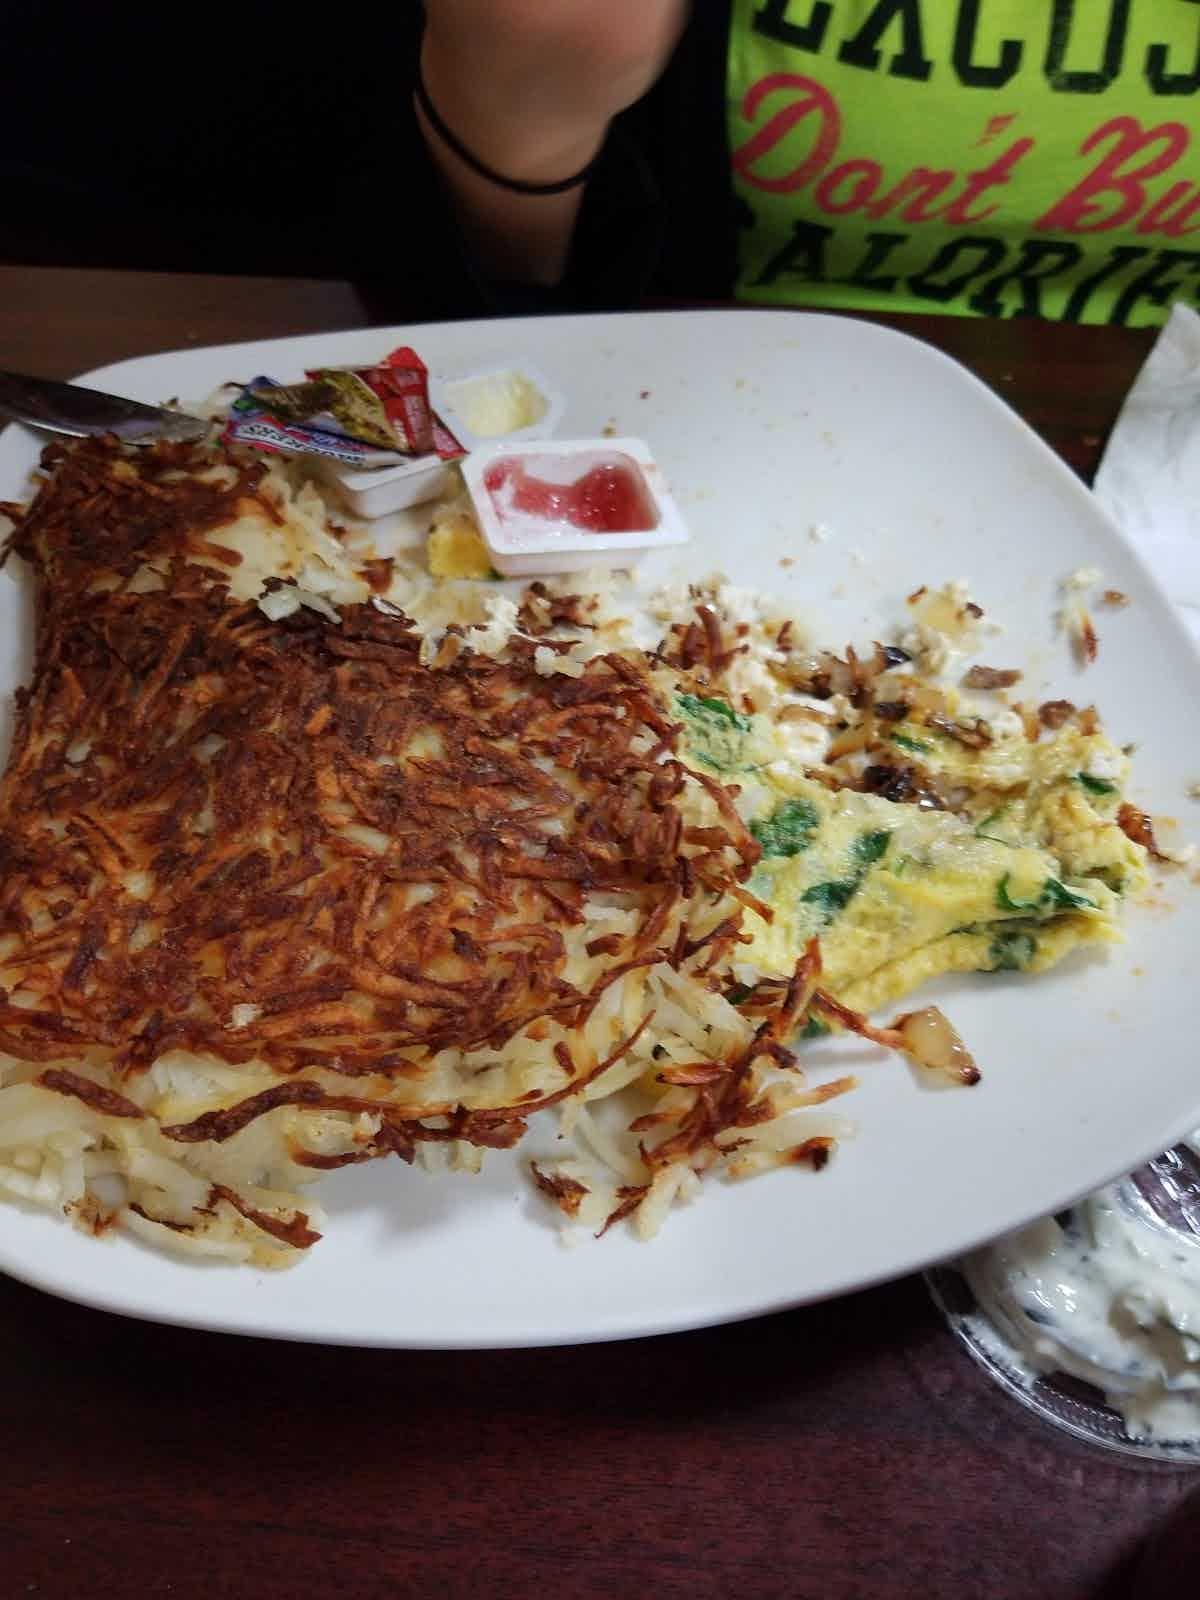 Backyard Coney Island Menu backyard coney island - wixom | restaurant review - zagat